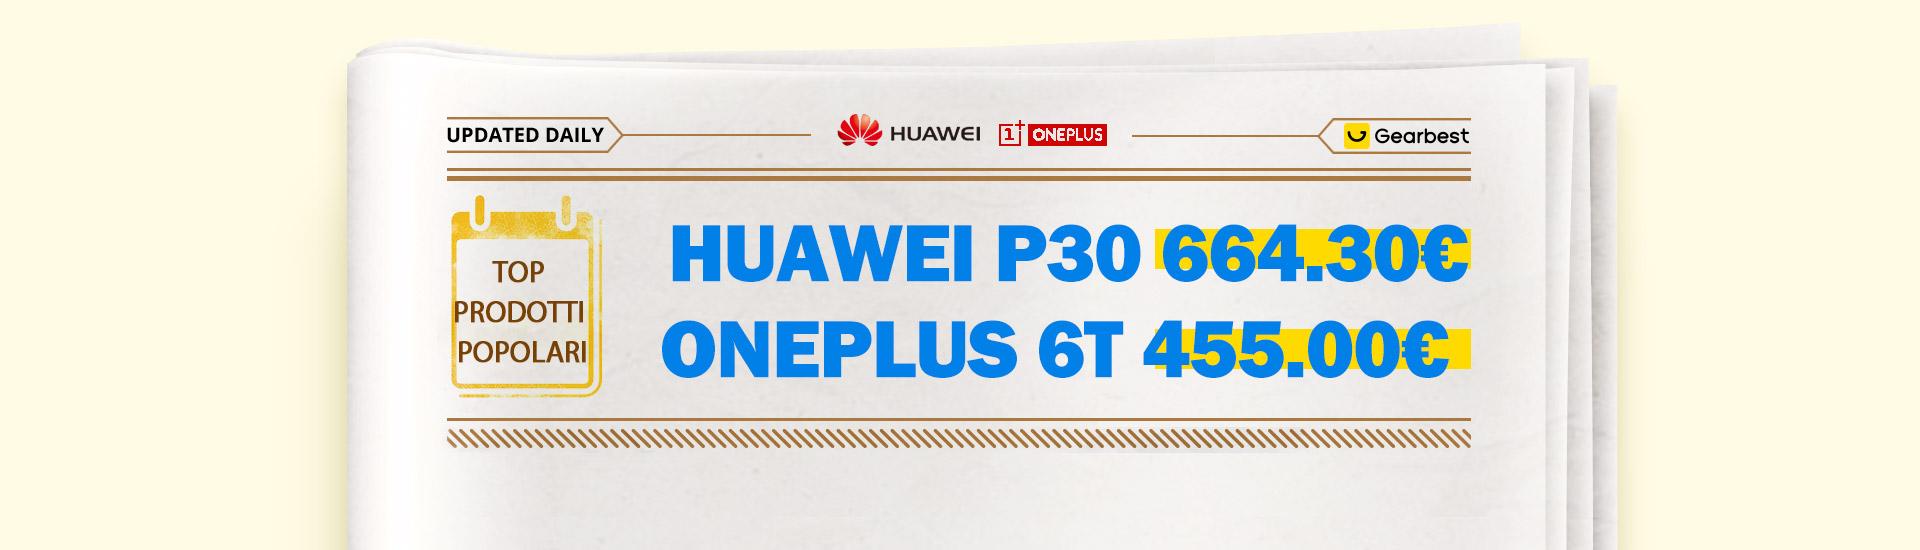 GearBest sconta i migliori marchi, da Xiaomi a Huawe e OnePlus